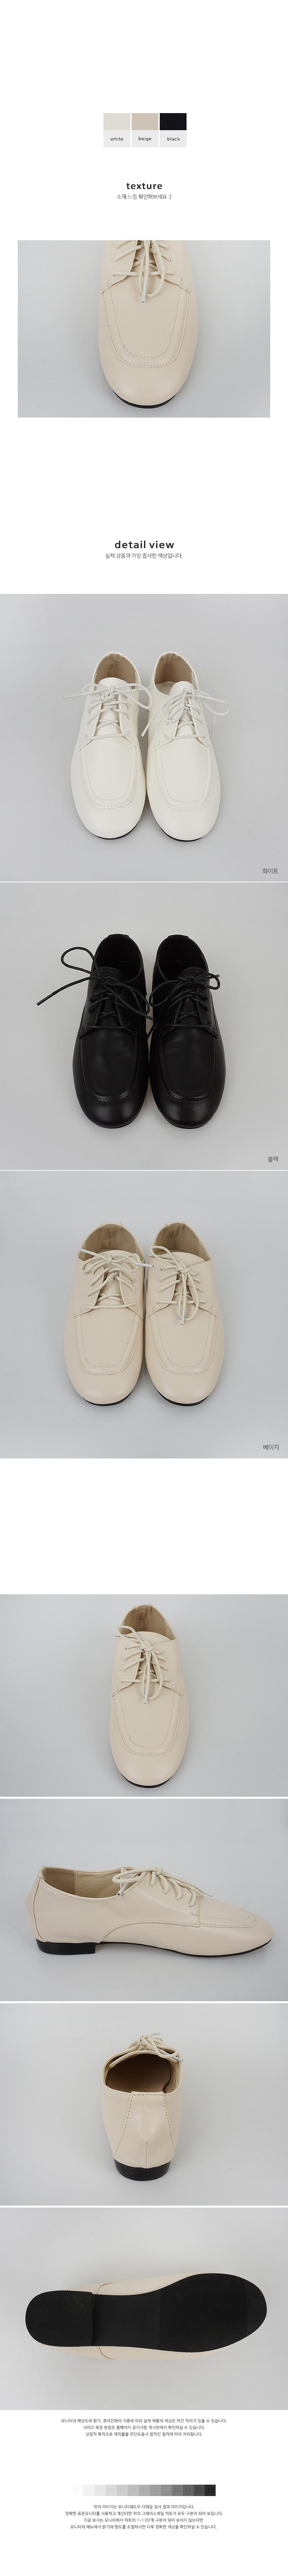 Soft lace-up shoes